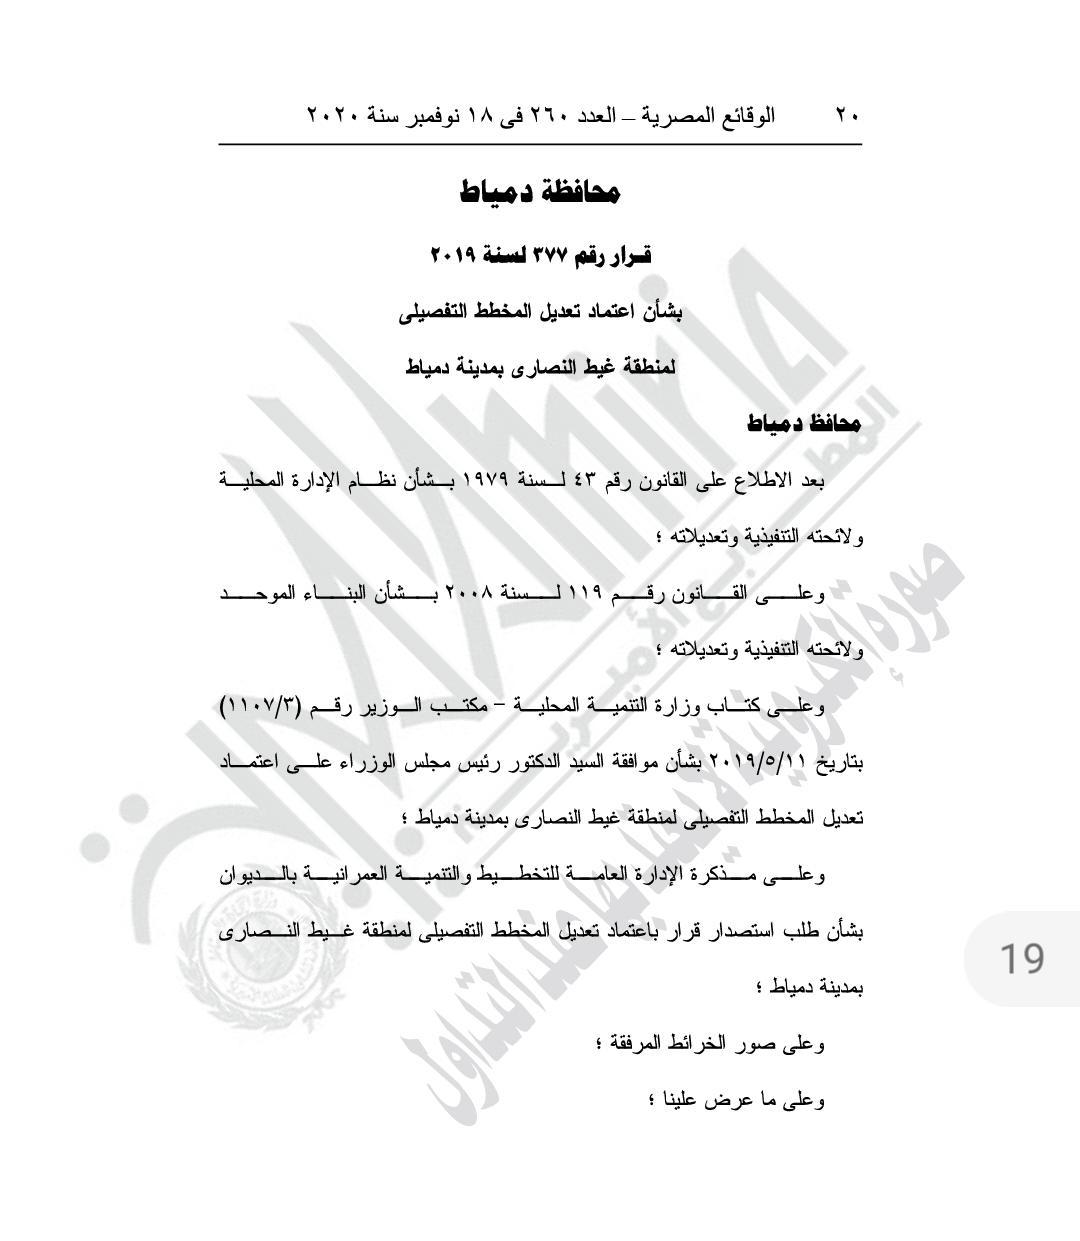 قرار الجريدة الرسمية فى دمياط